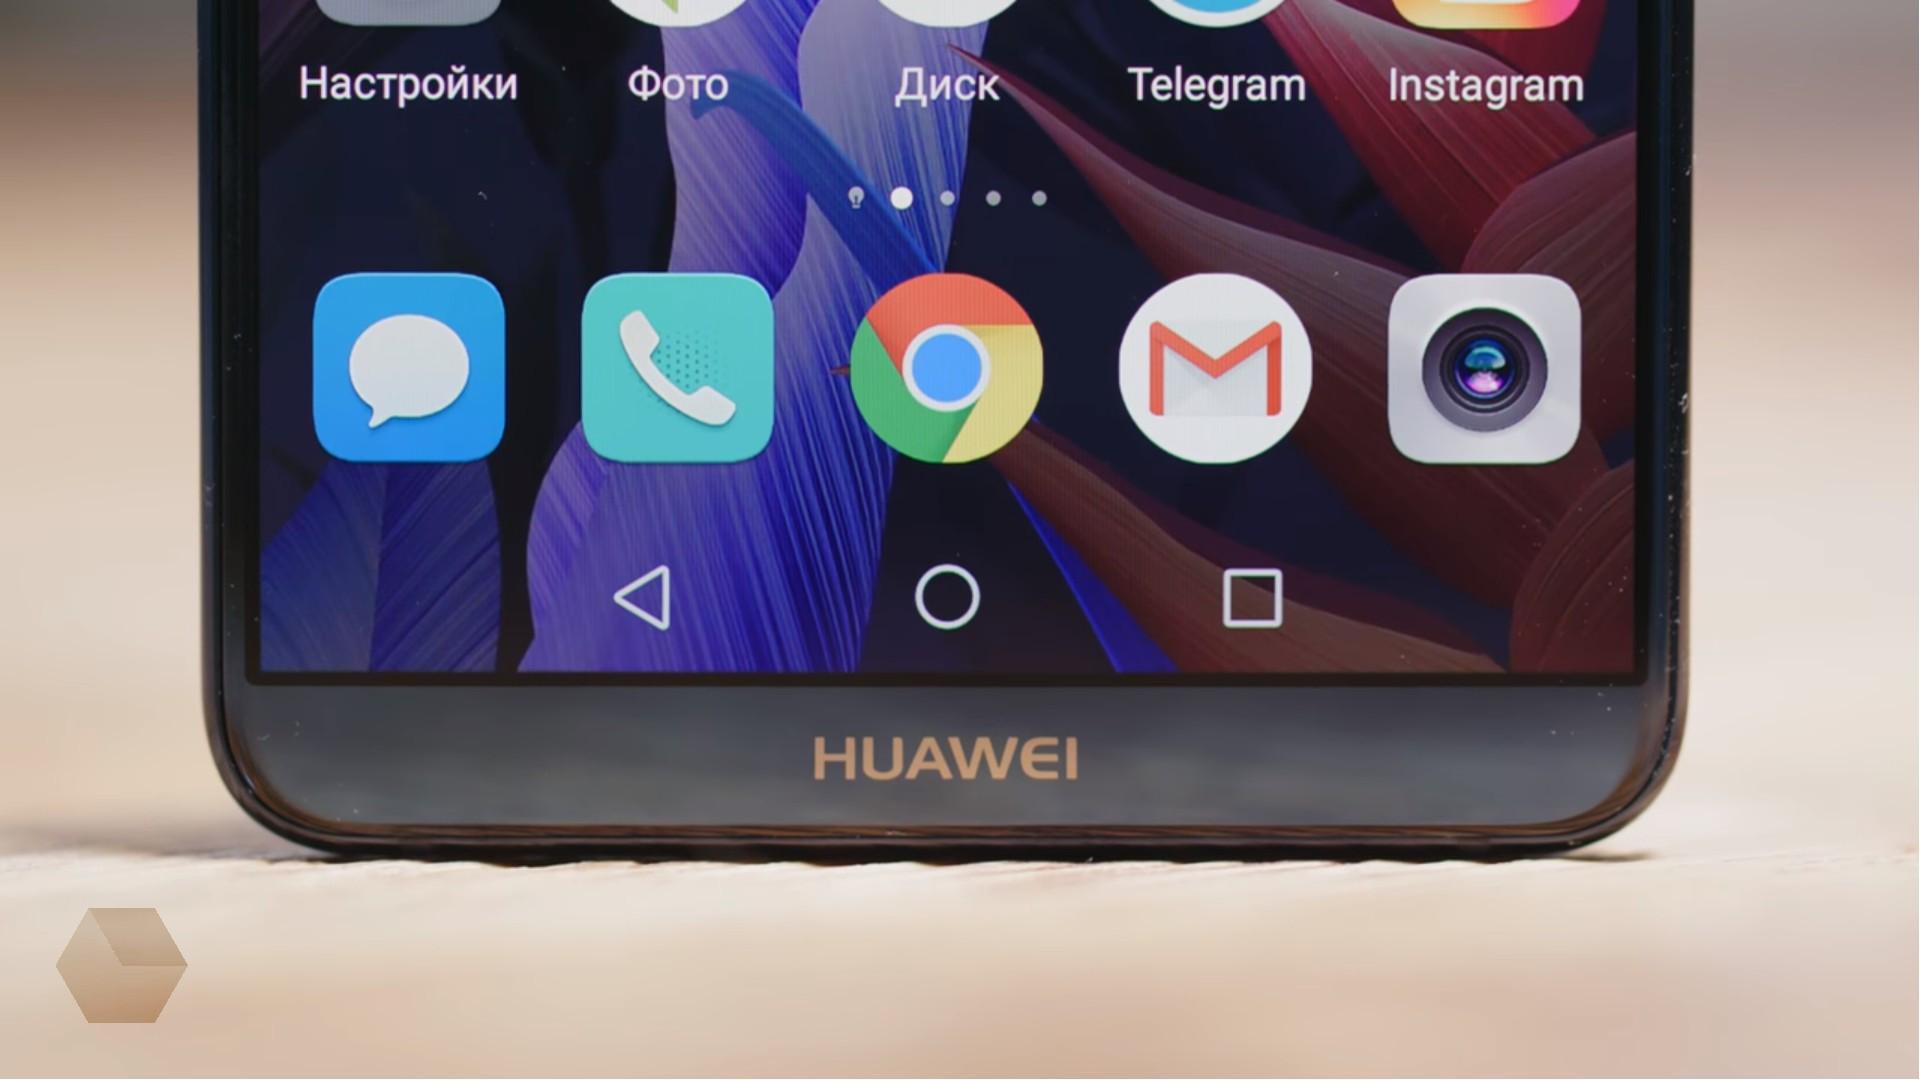 Huawei Mate 20 Lite появился в европейских онлайн-магазинах